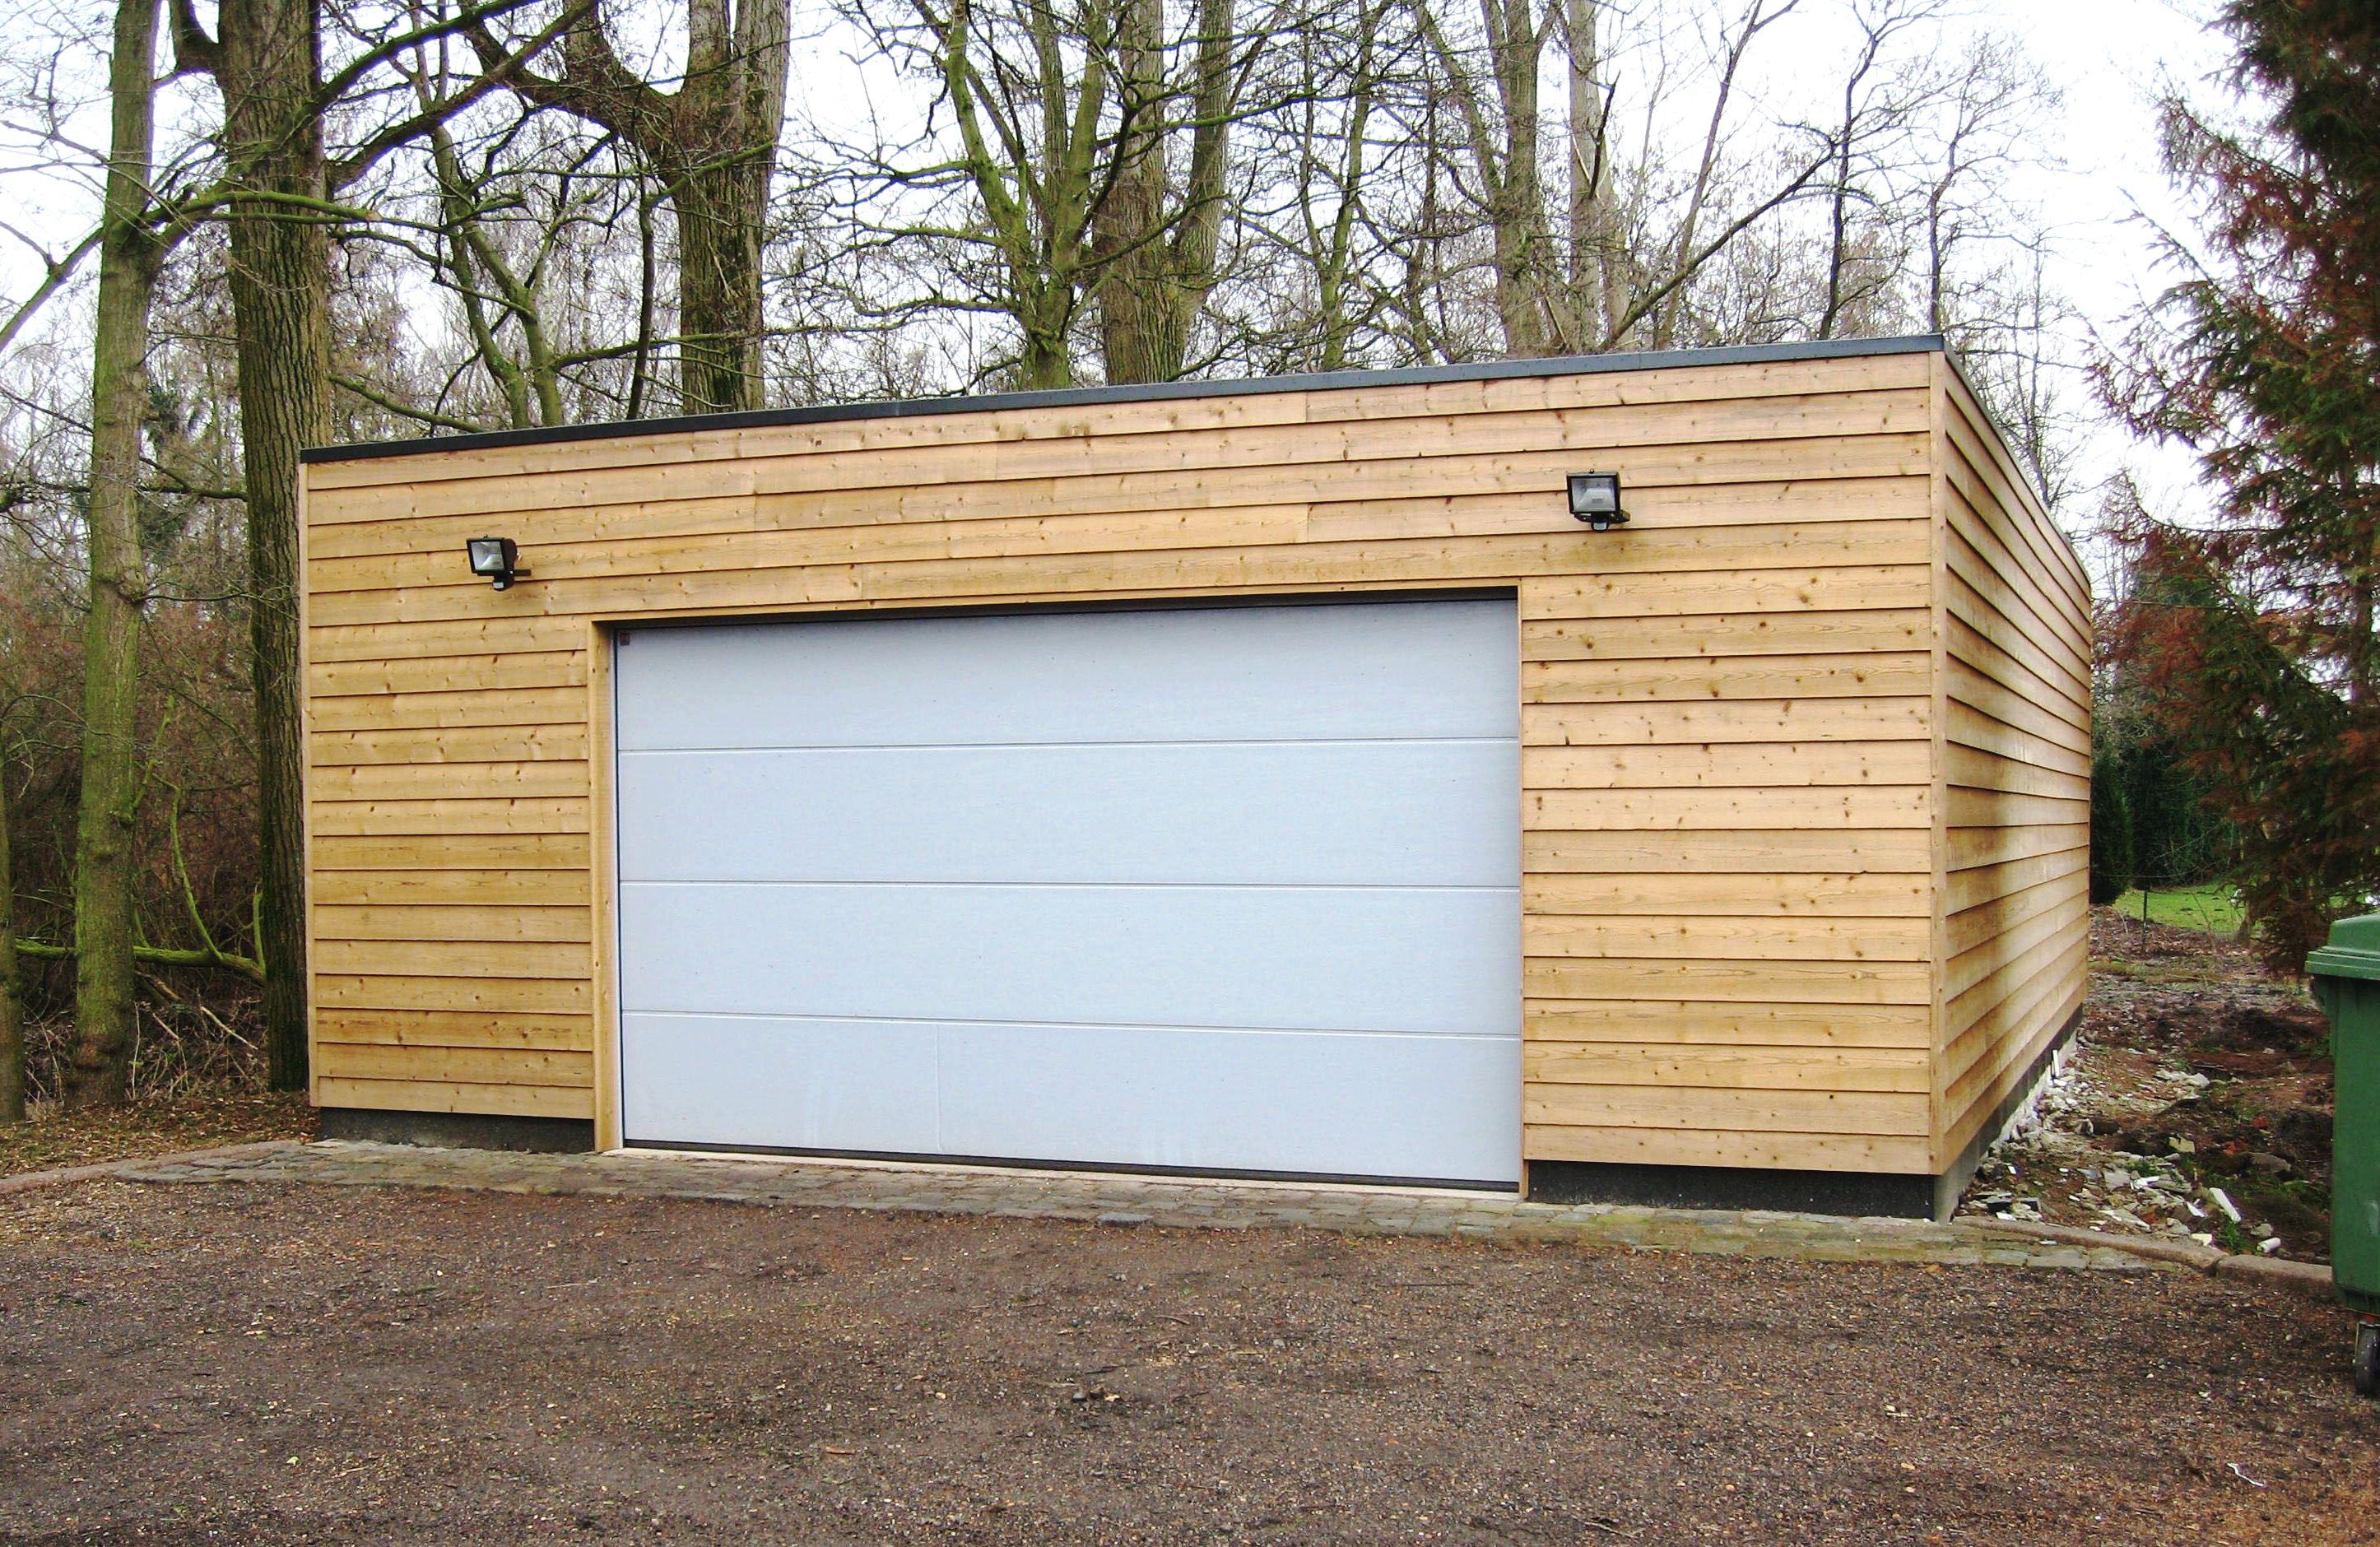 Garage Bouwen Prijs : Prijs houten huis perfect huis laten bouwen prijzen nieuwbouw